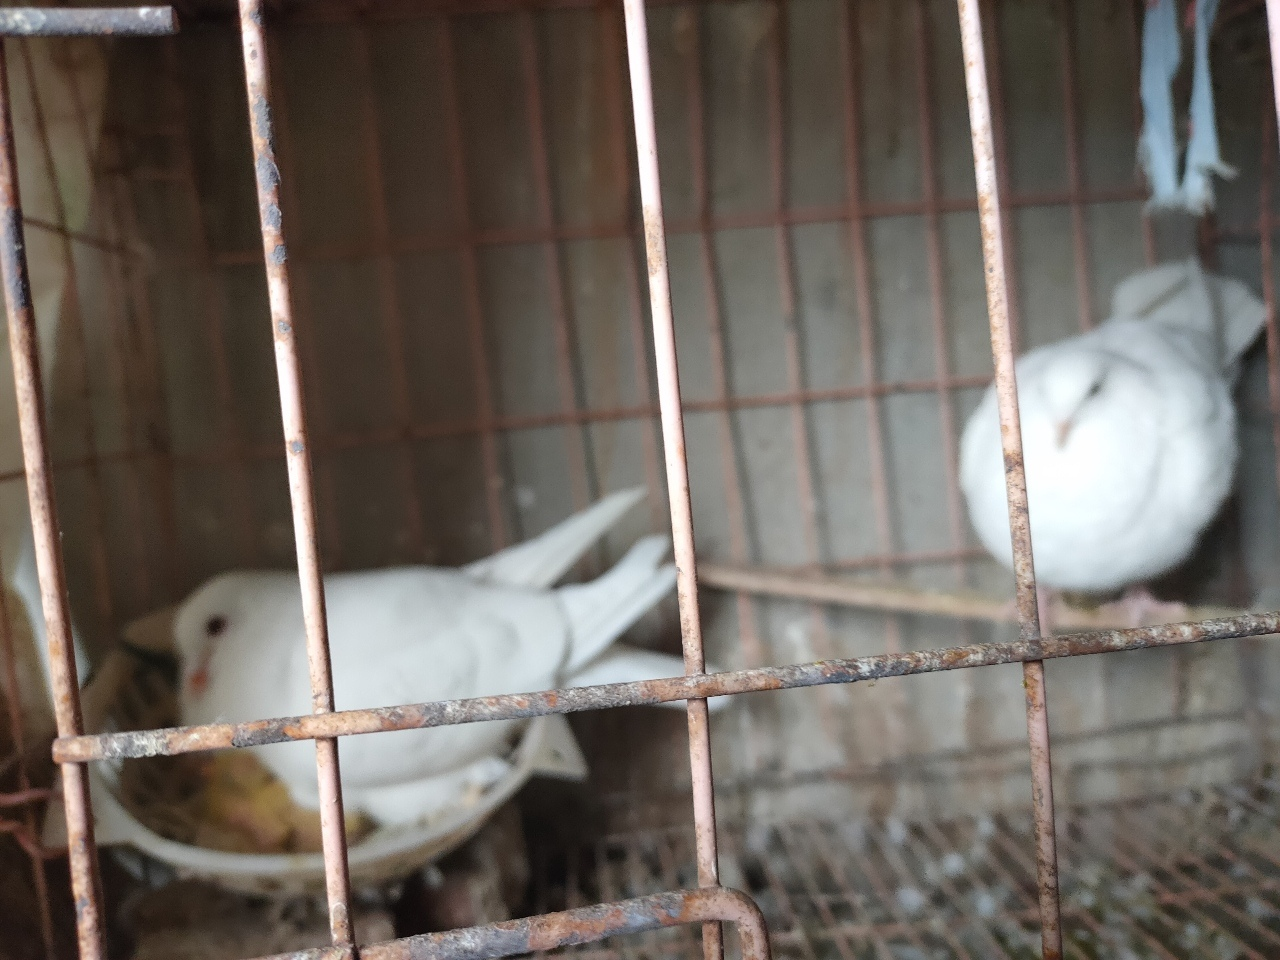 鴿子出售,50元一對